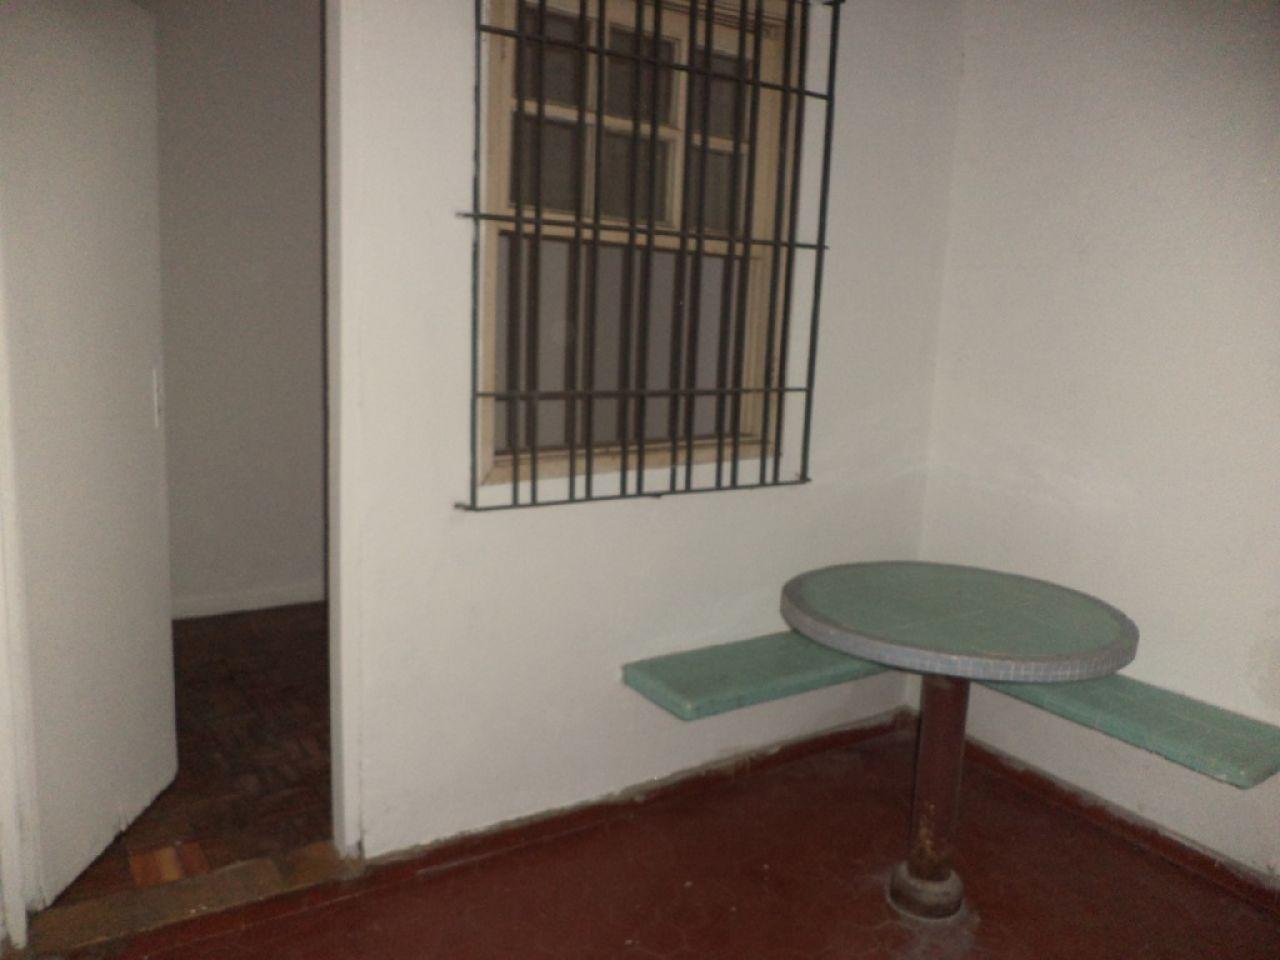 Casa Sobrado à venda/aluguel, Nova Piraju, São Paulo